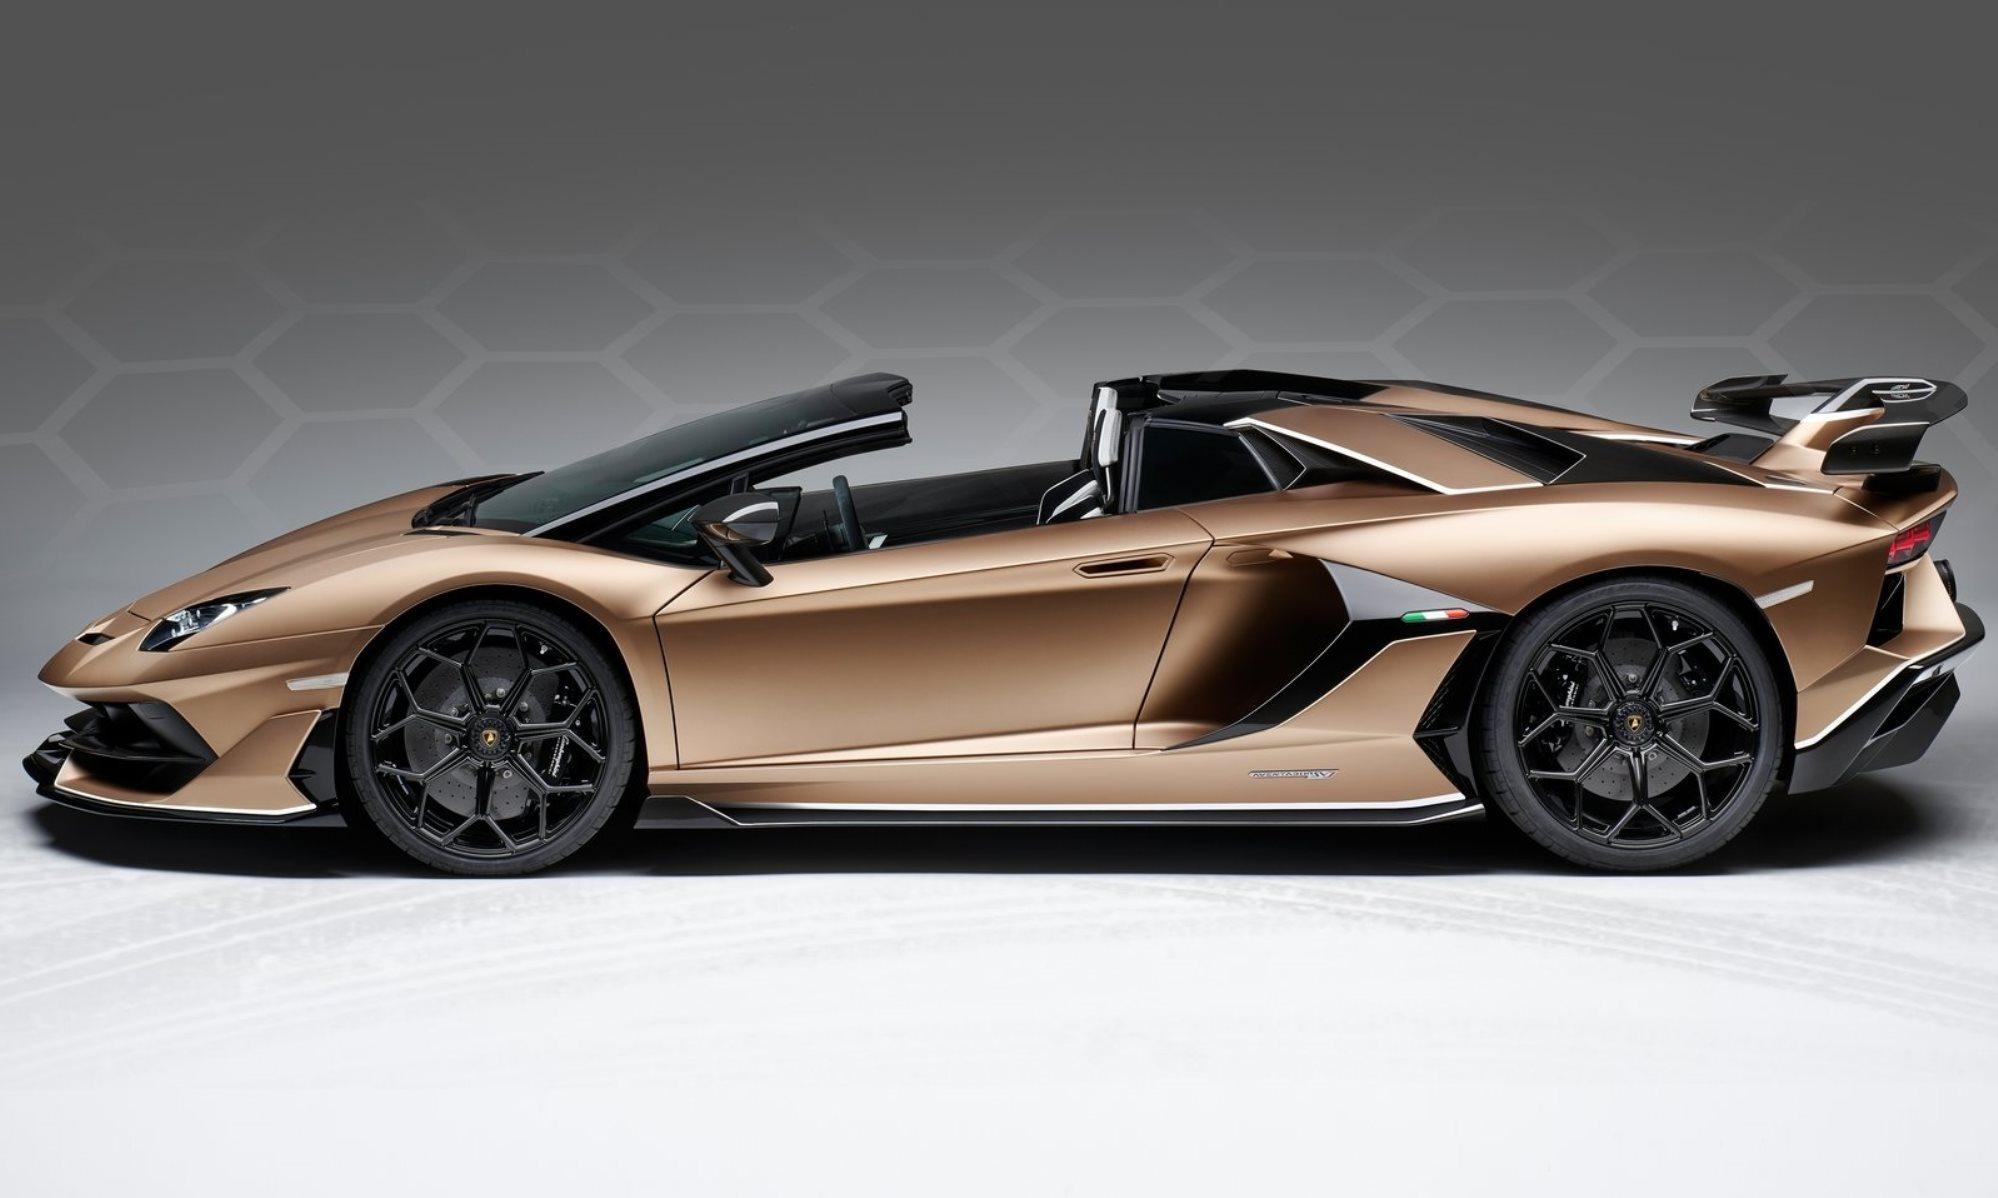 Lamborghini Aventador SVJ Roadster profile